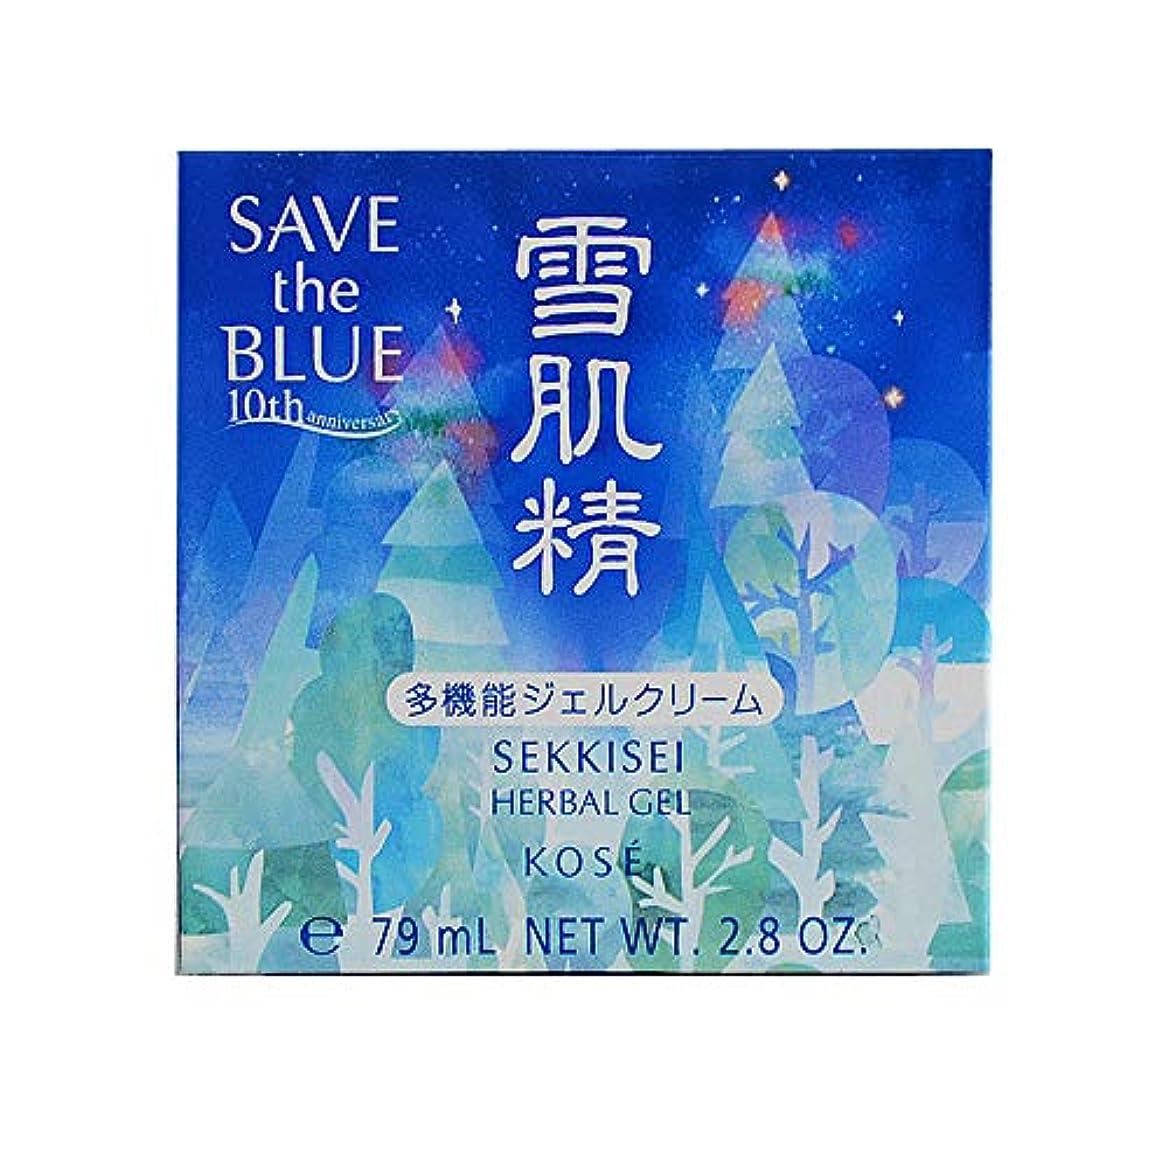 騙すお別れ与えるコーセー 雪肌精 ハーバルジェル 80g (SAVE the BLUE) [ フェイスクリーム ] [並行輸入品]